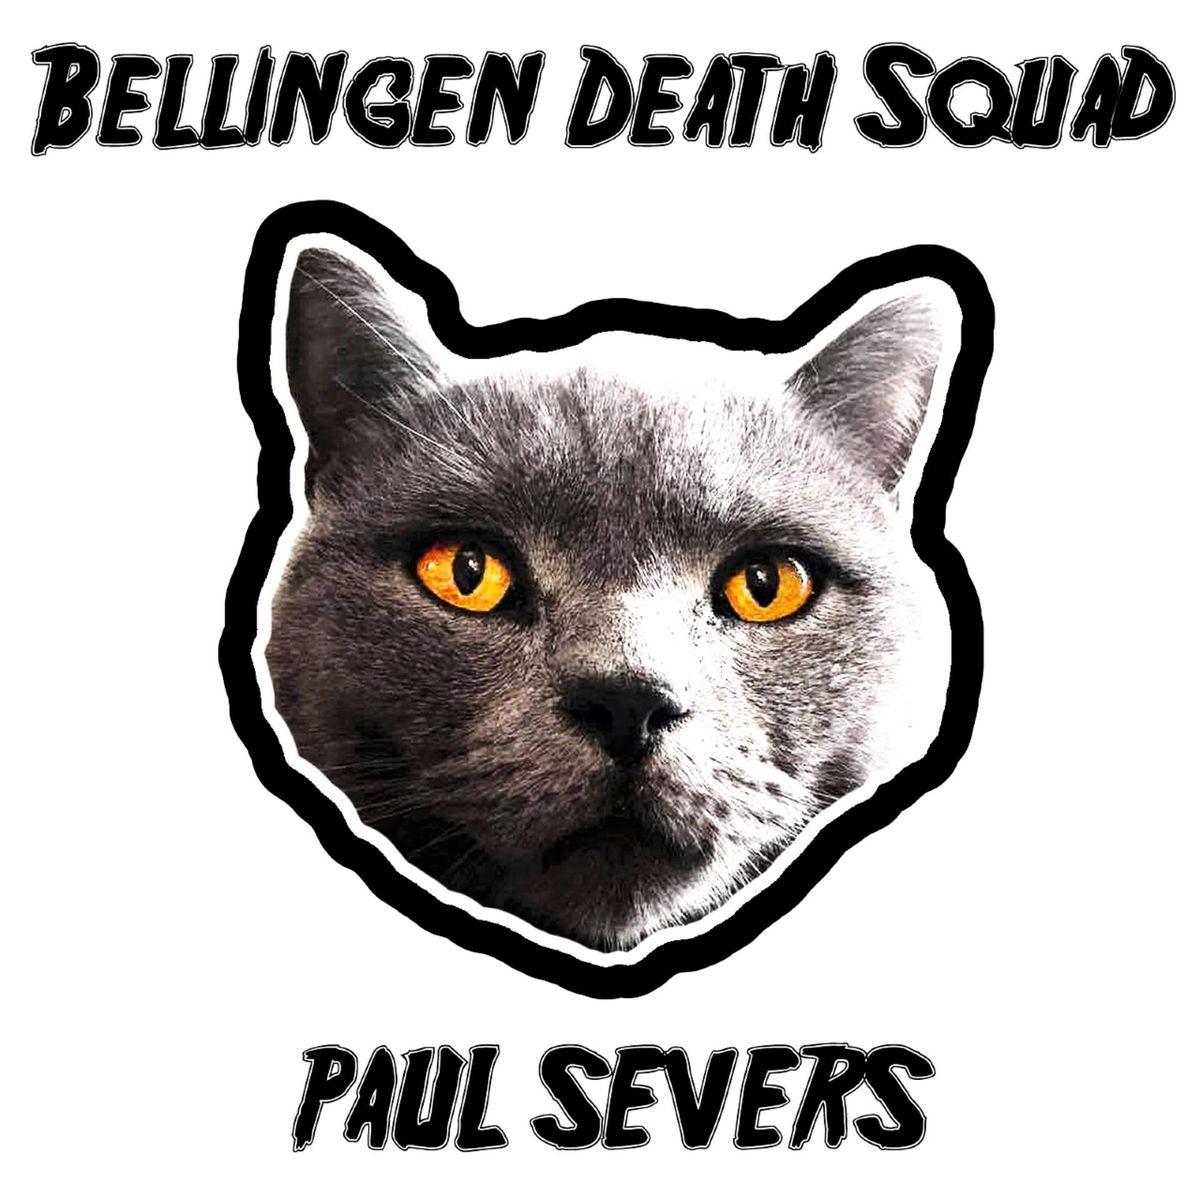 Bellingen Death Squad - Paul Severs